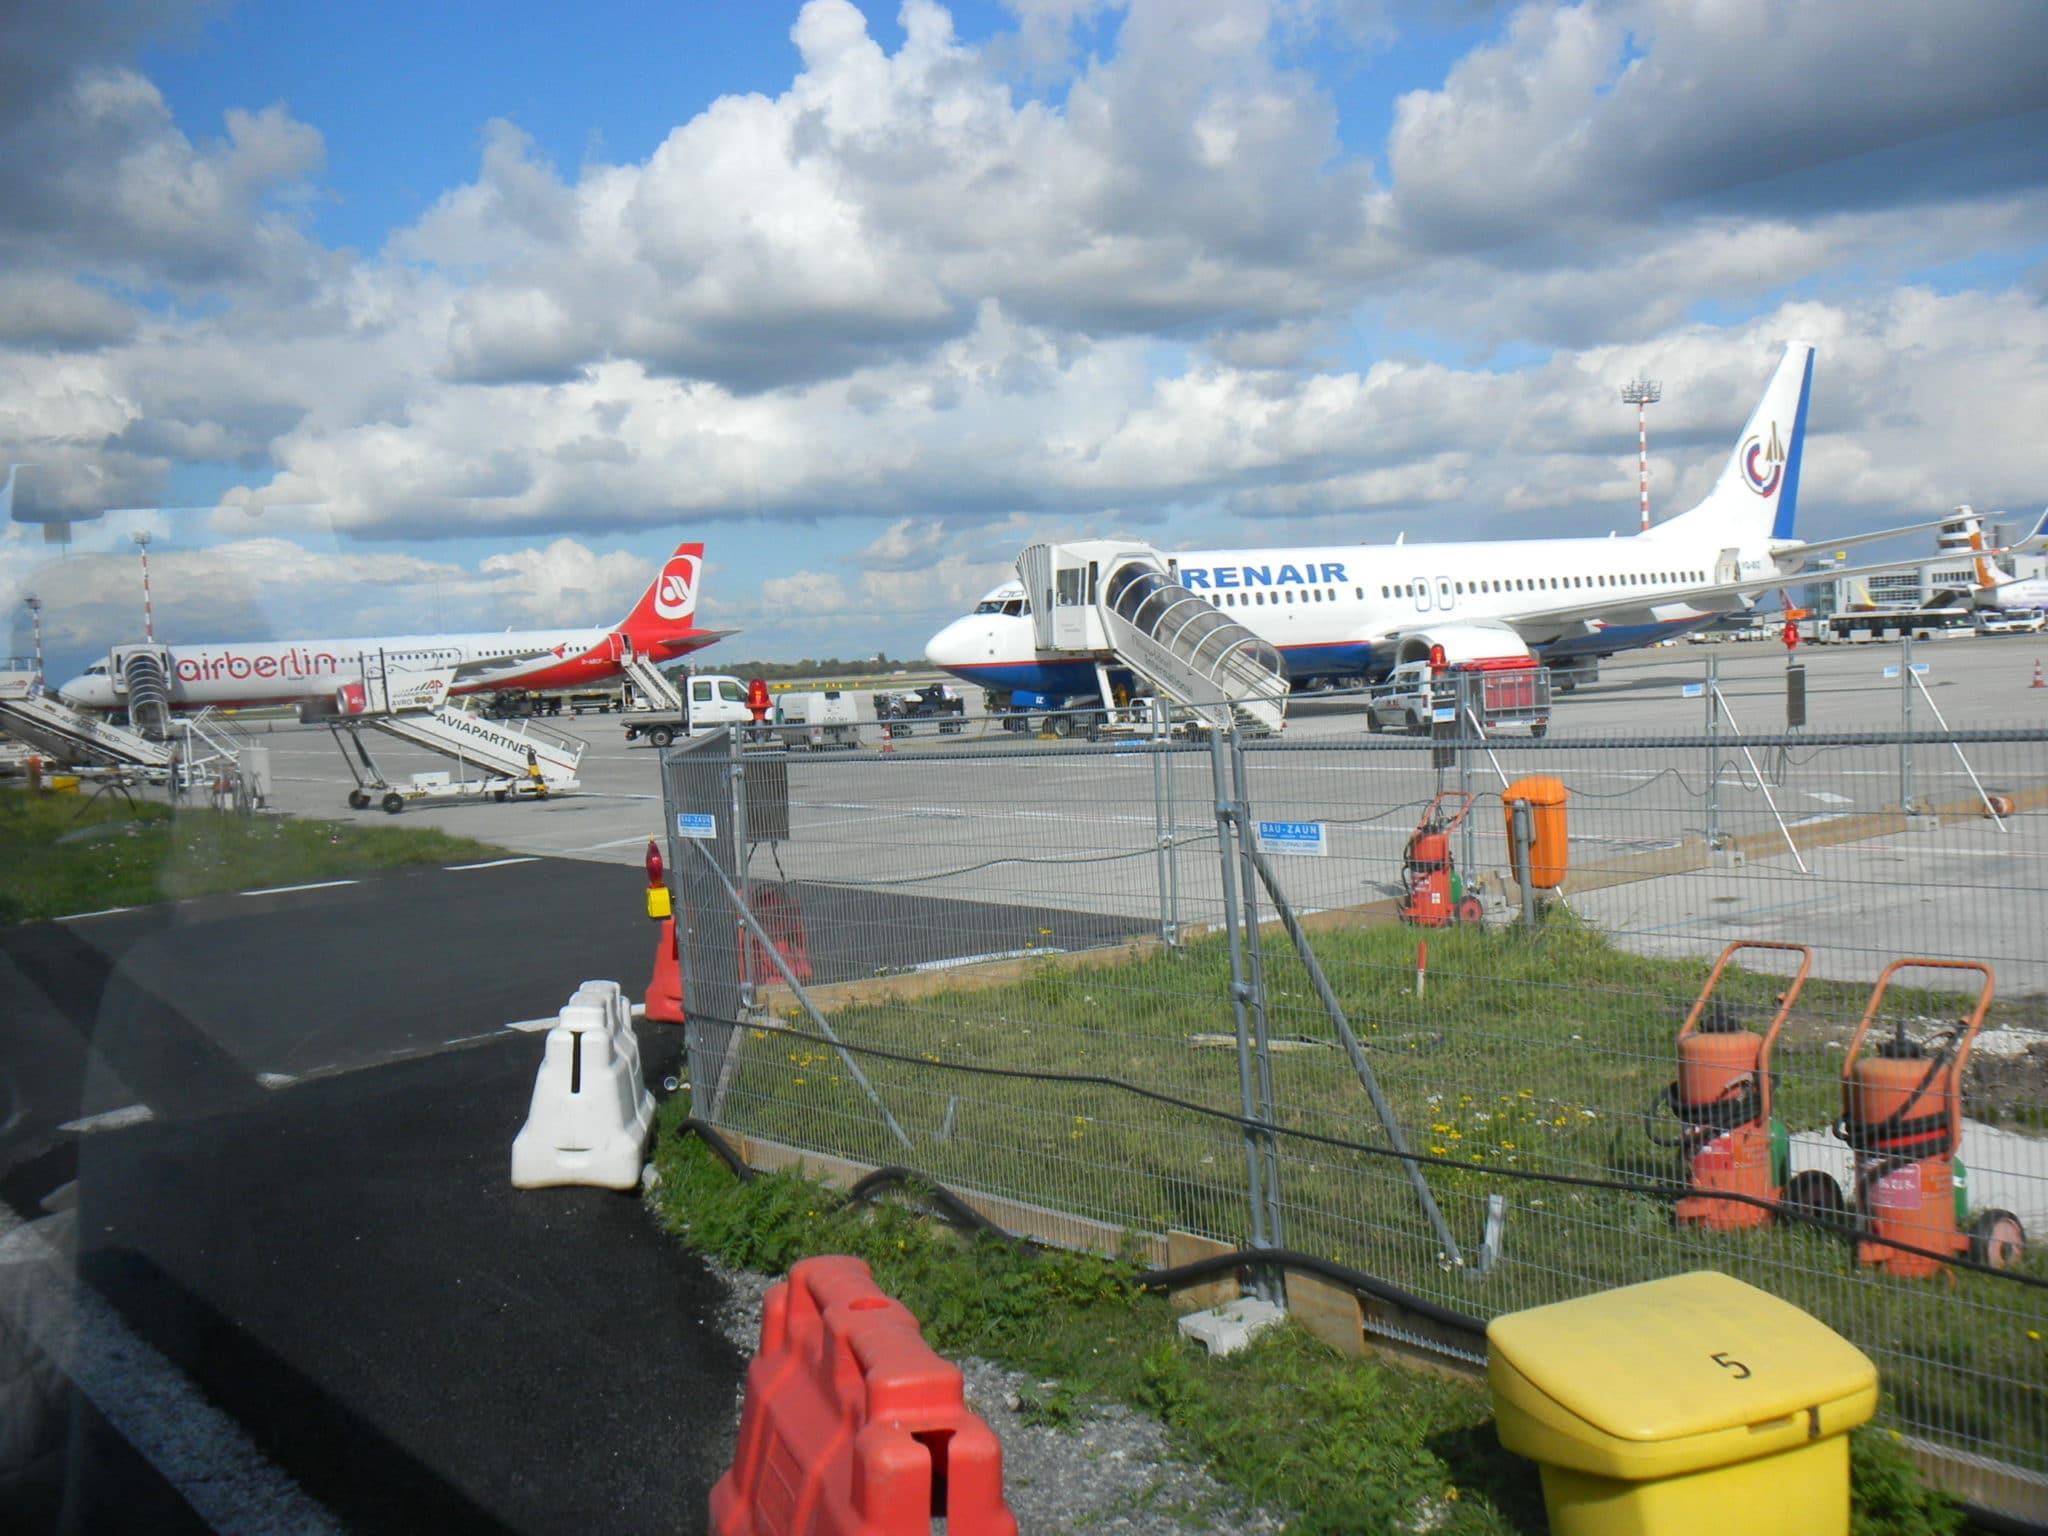 Ausflug zum Flughafen DUS 09-2012 (1)